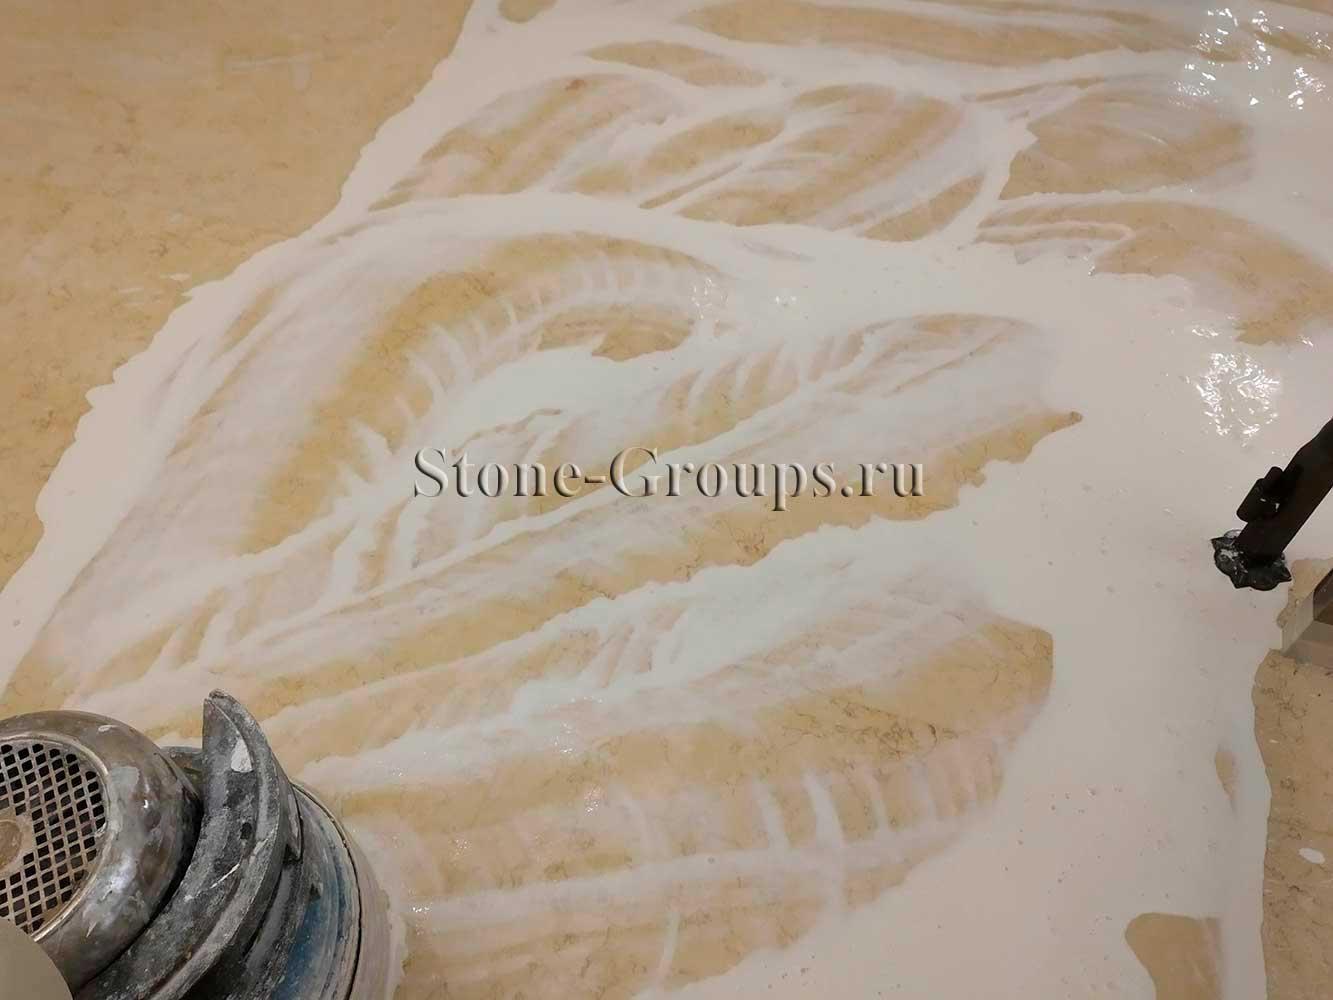 Шлифовка полировка мрамора